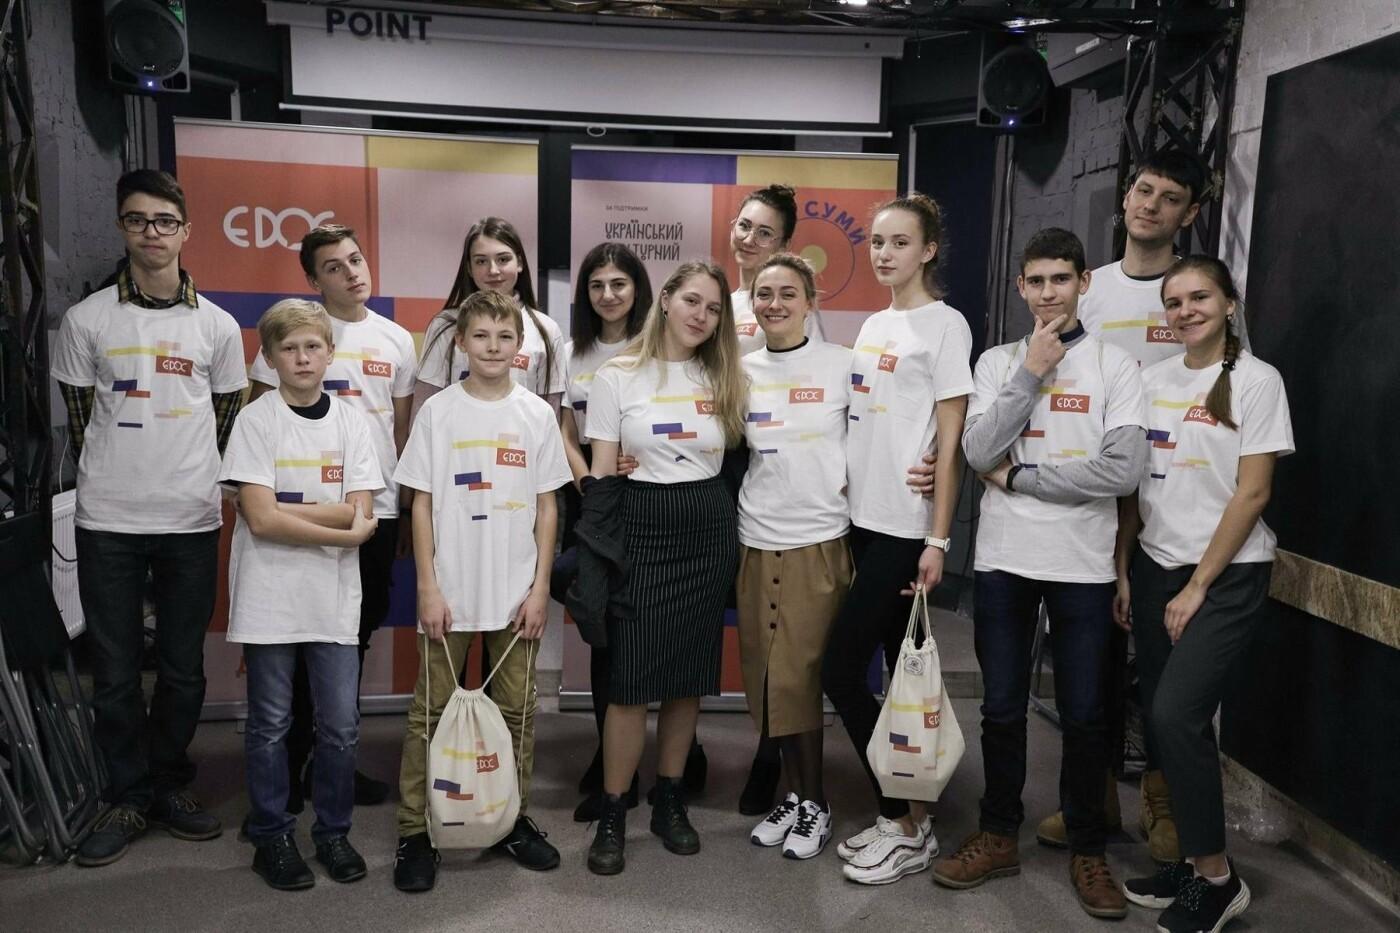 У Сумах пройшов Кіноконкурс для молоді «Є-Док», фото-1